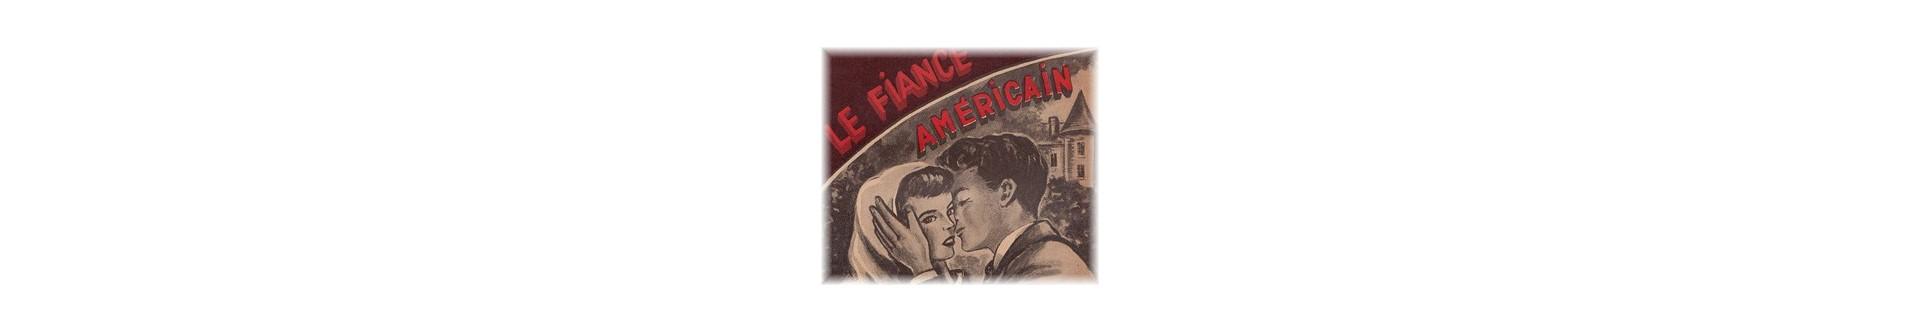 Mon roman d'amour | Éditions FERENCZI |Livres d'occasion